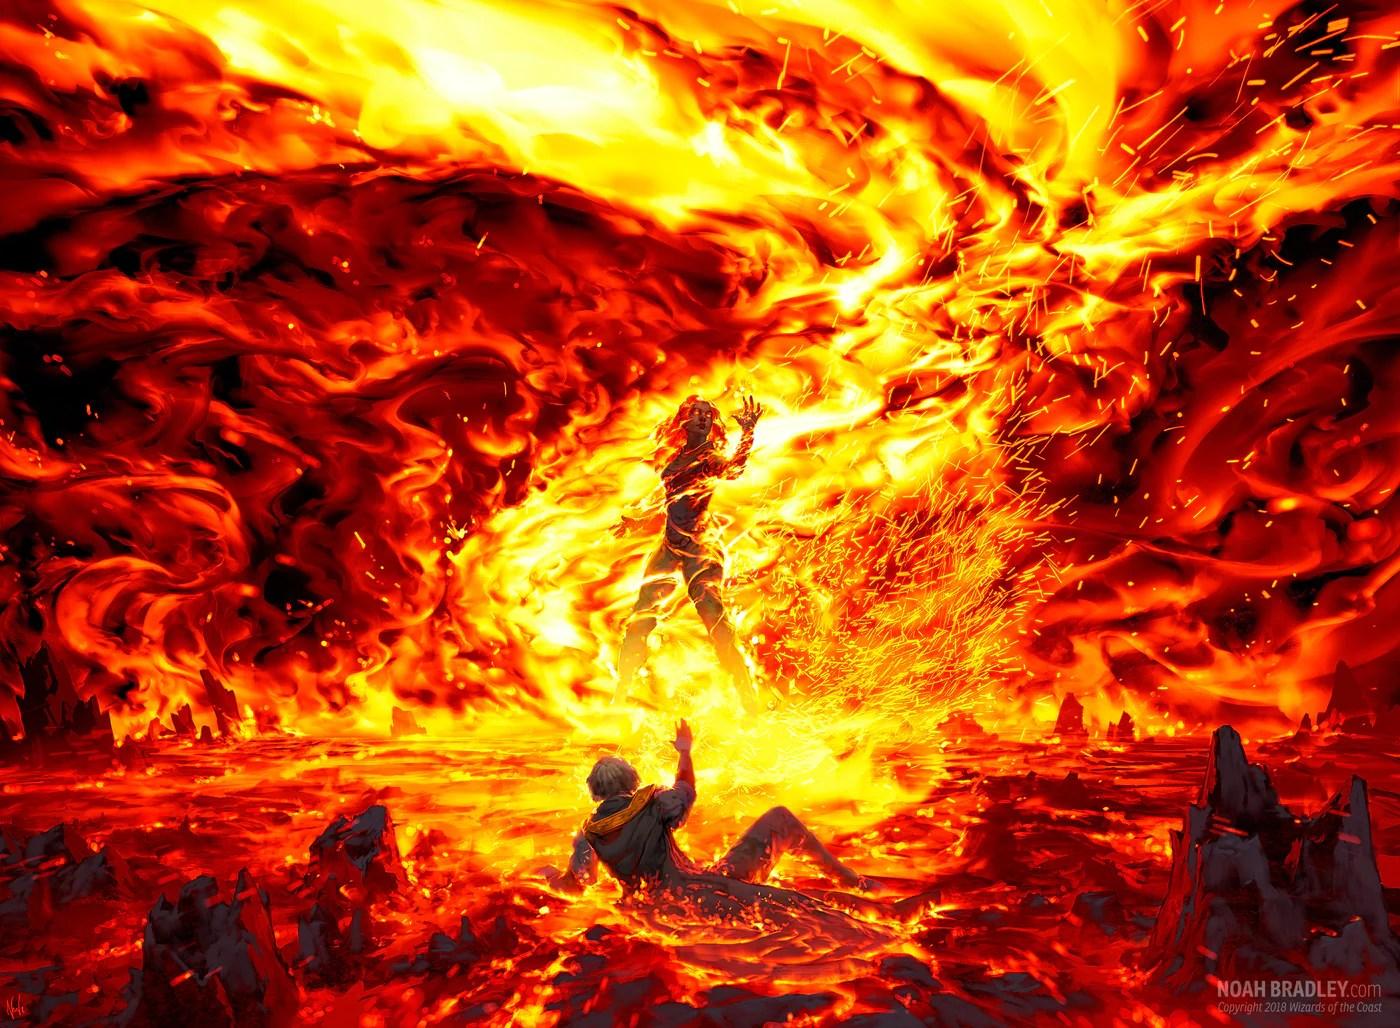 Jaya S Immolating Inferno Noah Bradley